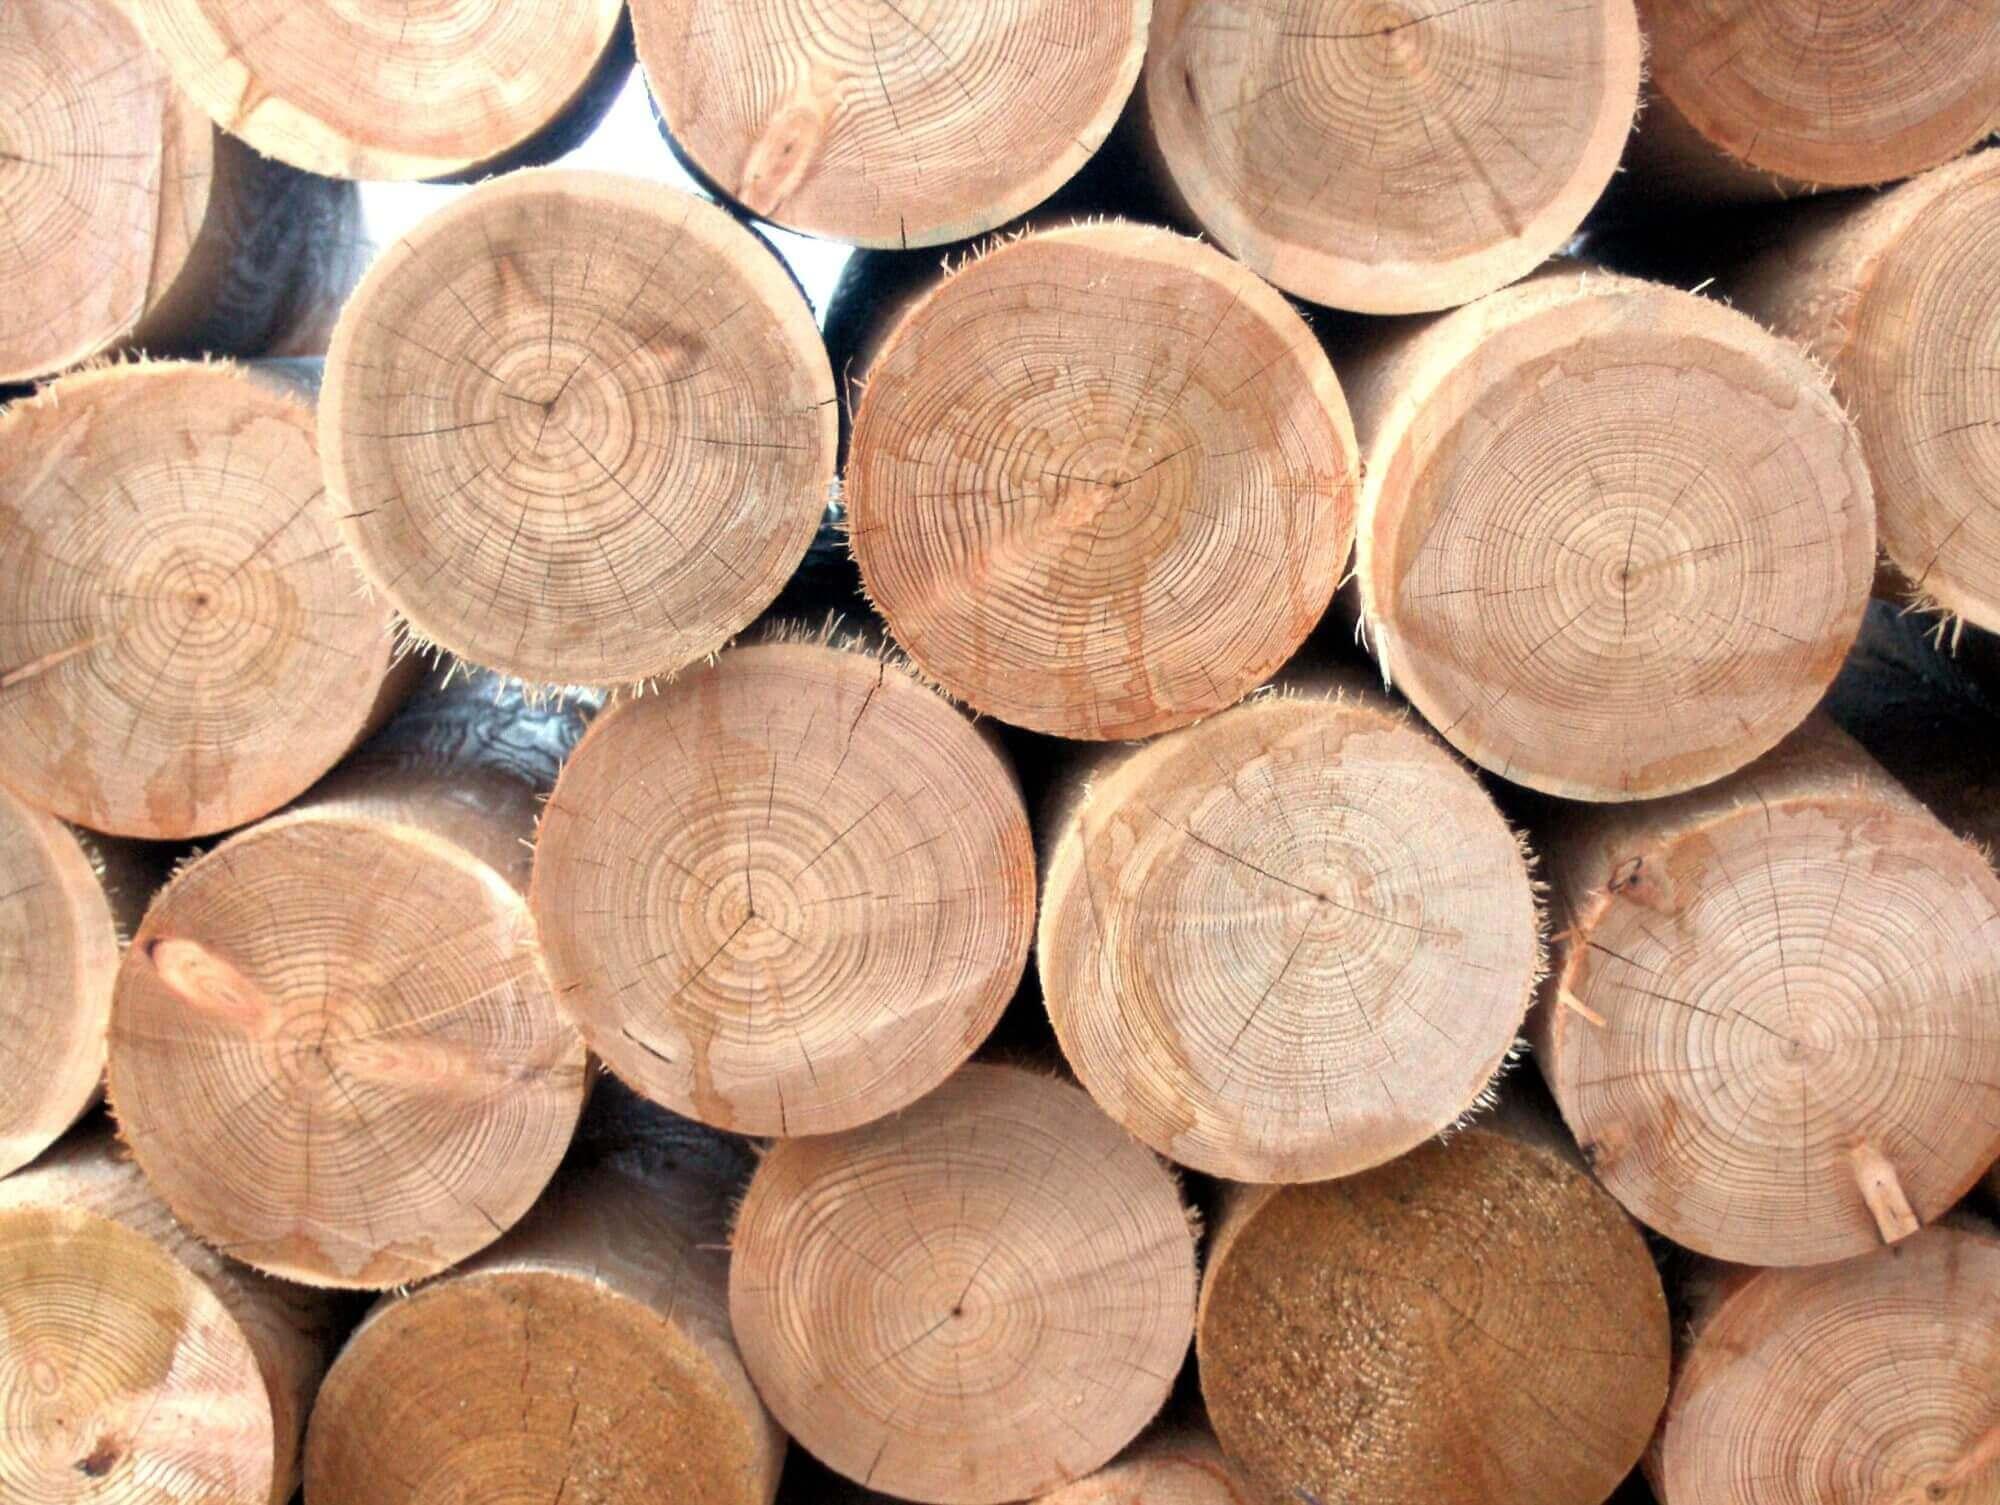 Quelles Sont Les Différents Types De Bois les différents types de traitement du bois - dynamique